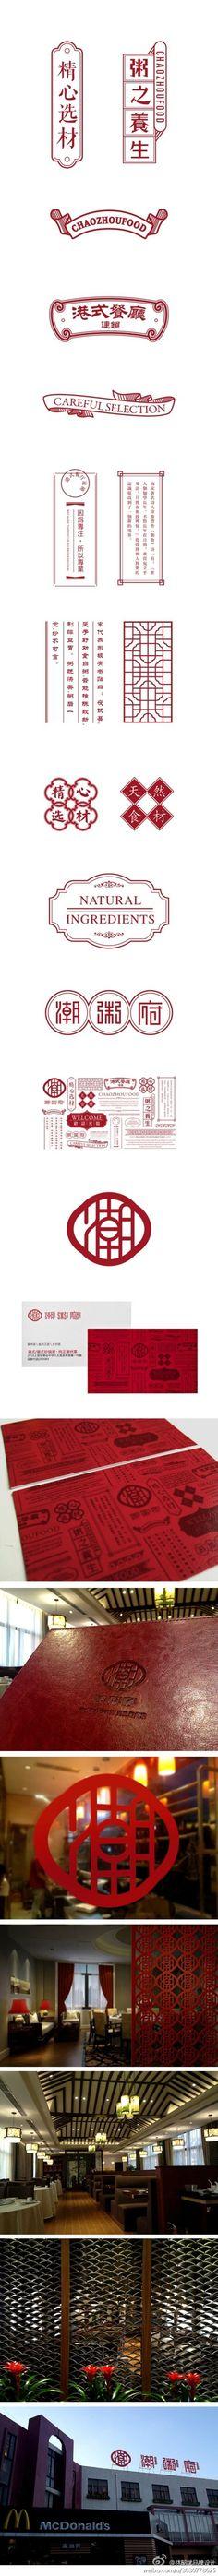 //@黄汝鸿rhhuang: 很棒 //...@文强在路上采集到logo(161图)_花瓣